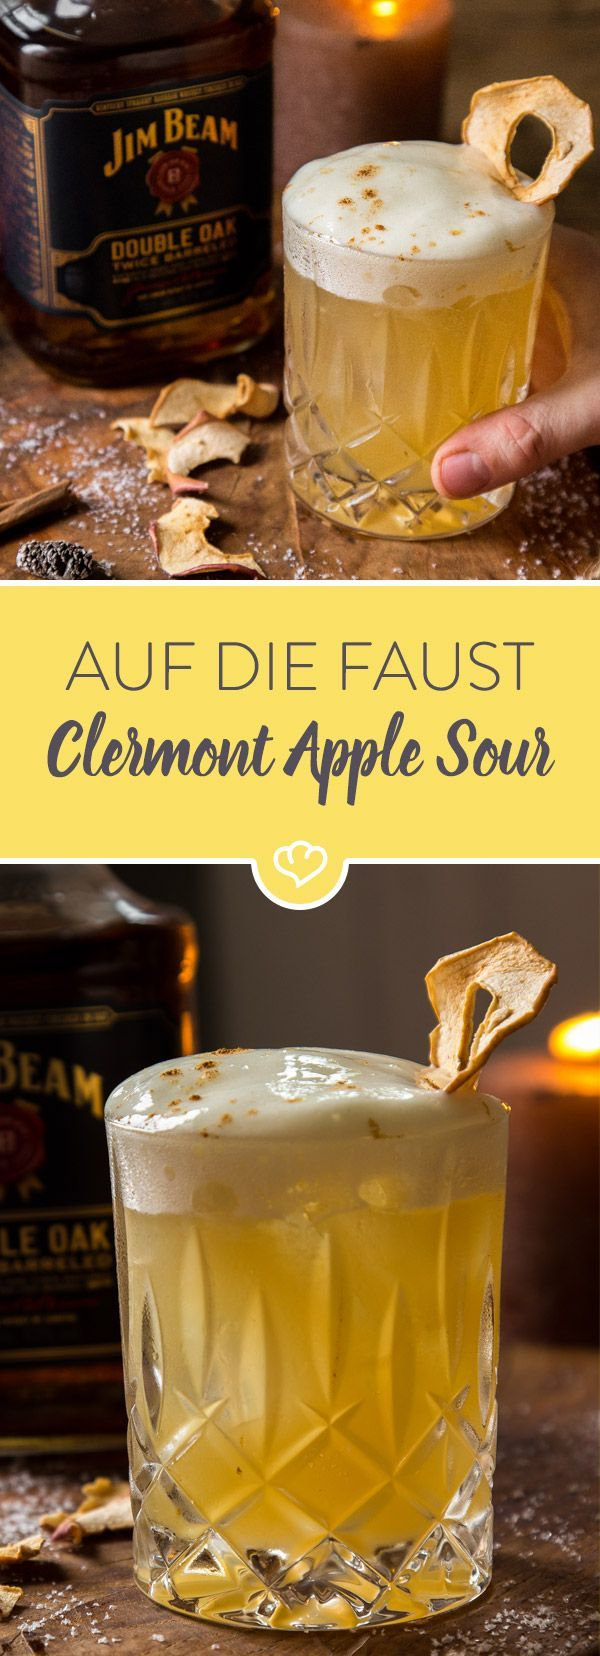 Lust auf einen herbstlichen Cocktail mit Äpfeln und Zimt? Dann probiere auf jeden Fall diesen fantastischen Apple Sour mit Jim Beam Double Oak Whisky.